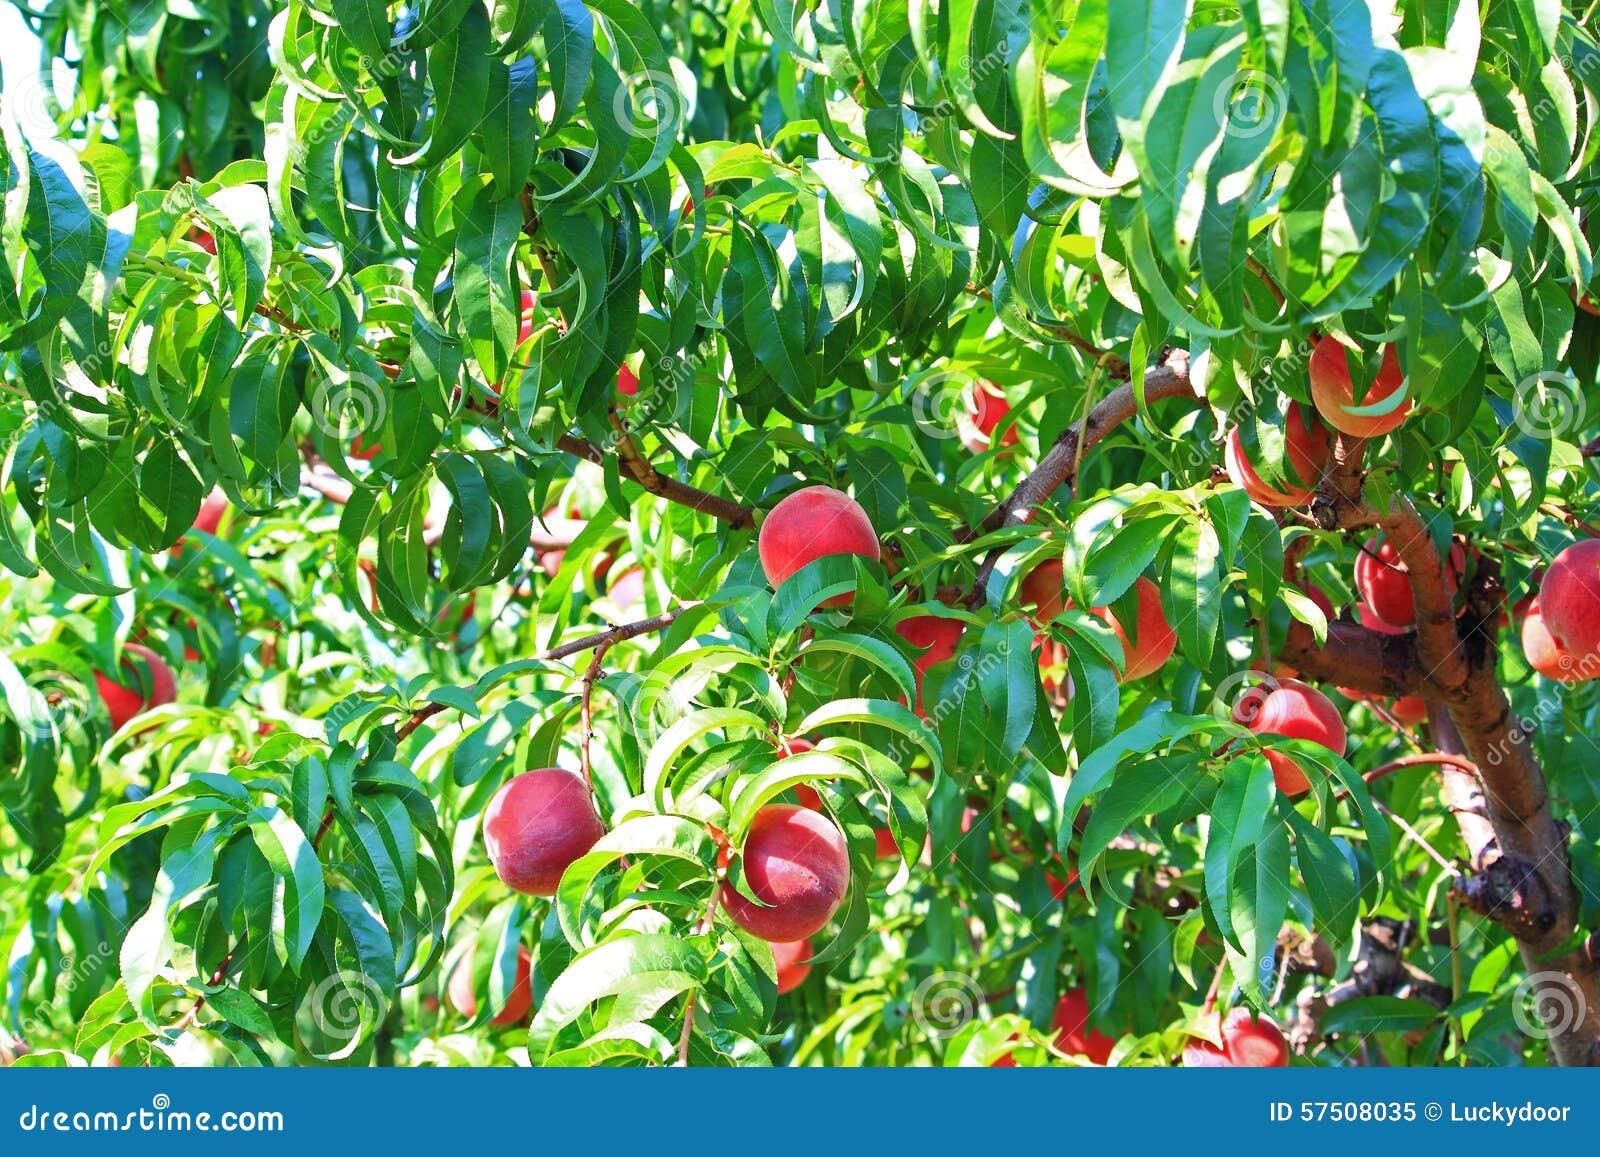 Árbol de melocotón